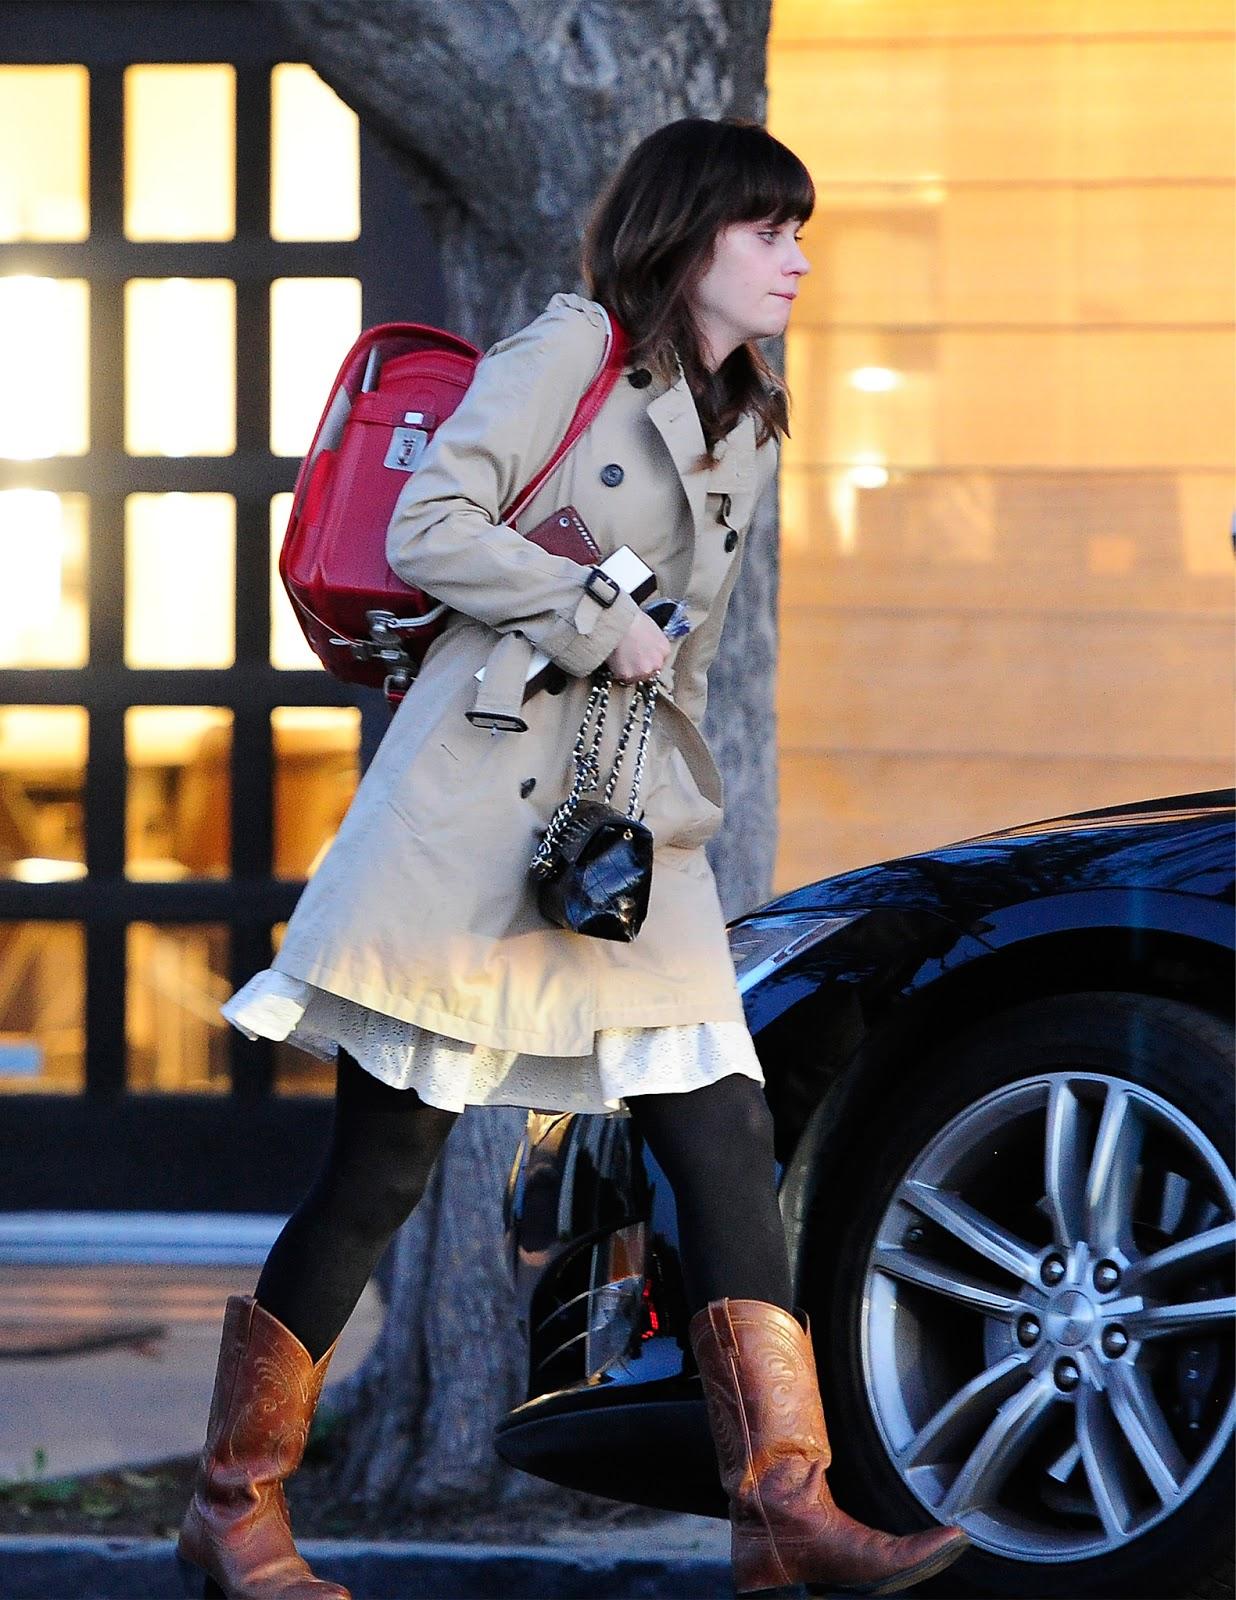 【速報】日本のランドセル 一流ハリウッド女優のプライベートバッグに使われる お洒落でワロタwwww